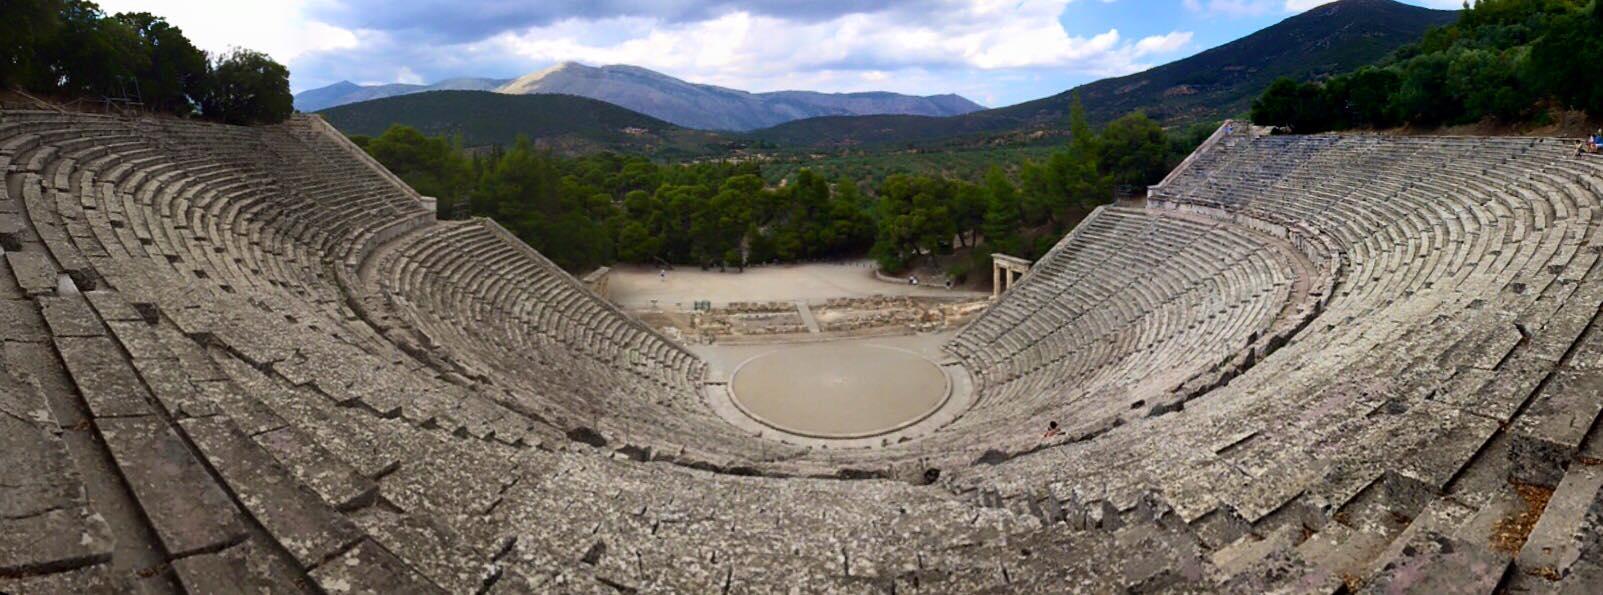 43 Epidavrous theatre